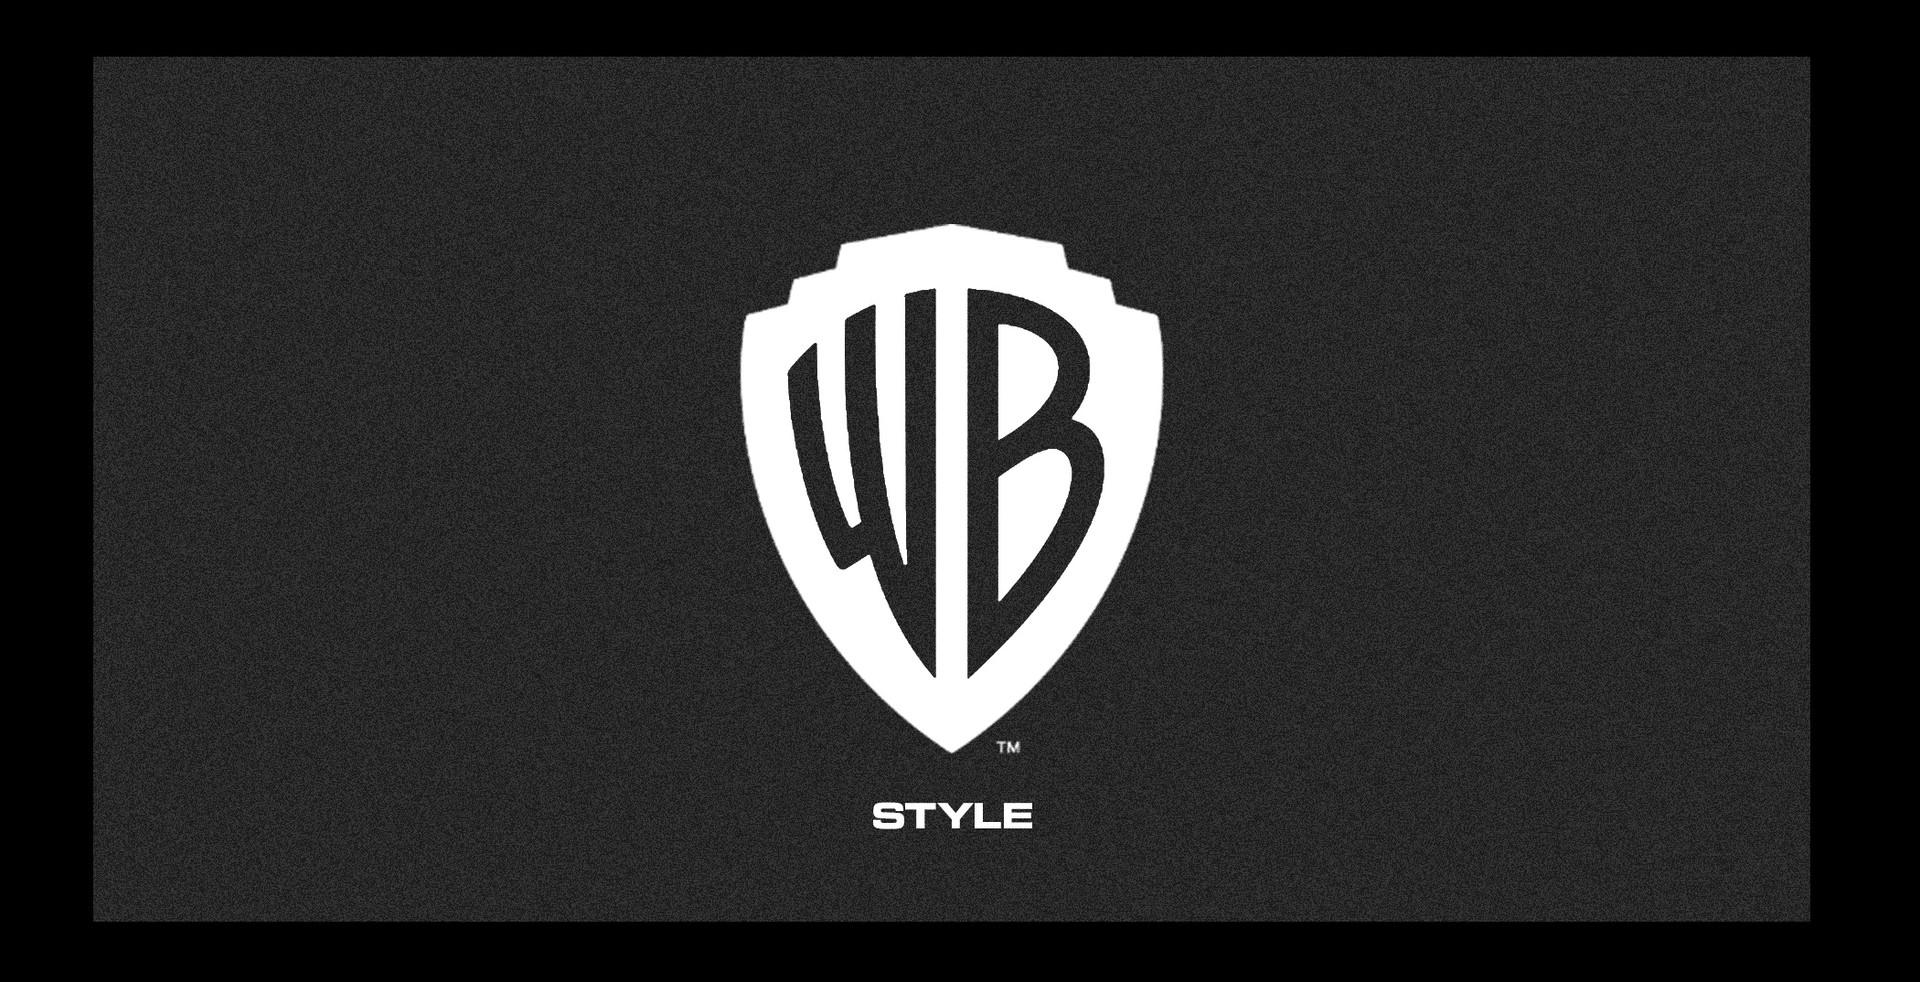 WB_Branding1a.jpg